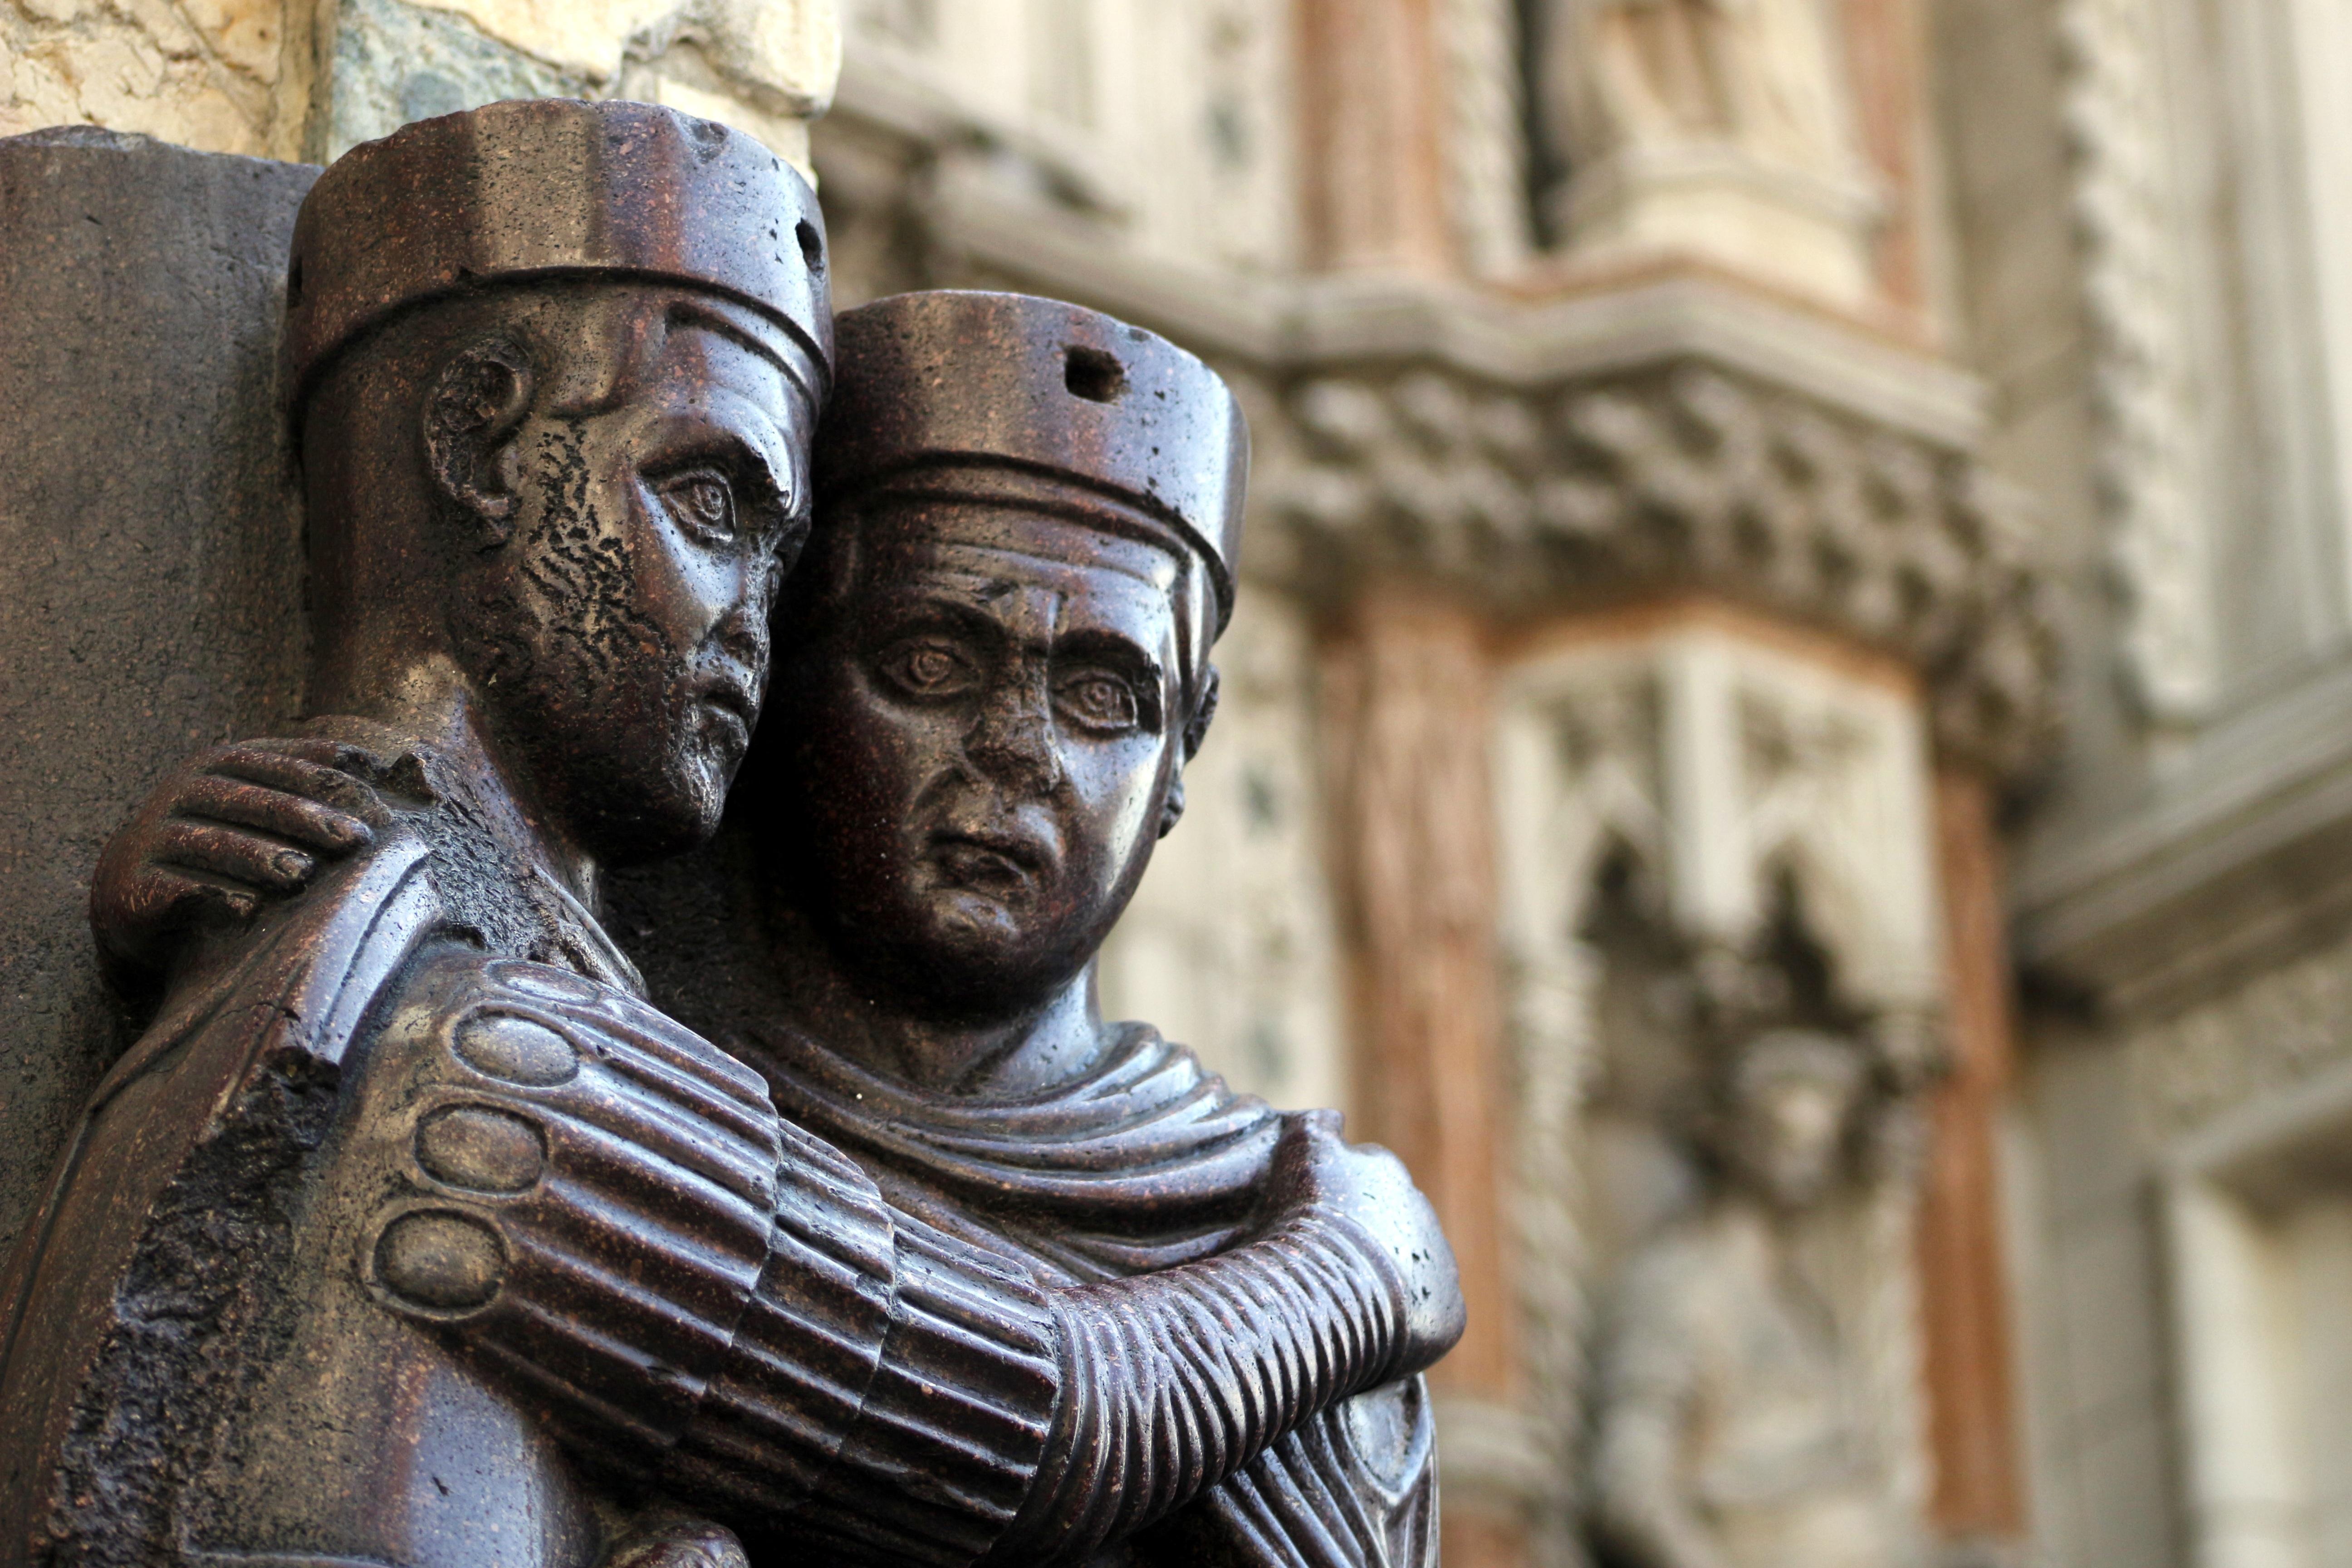 Fotos gratis : arquitectura, palacio, Monumento, estatua, religión ...